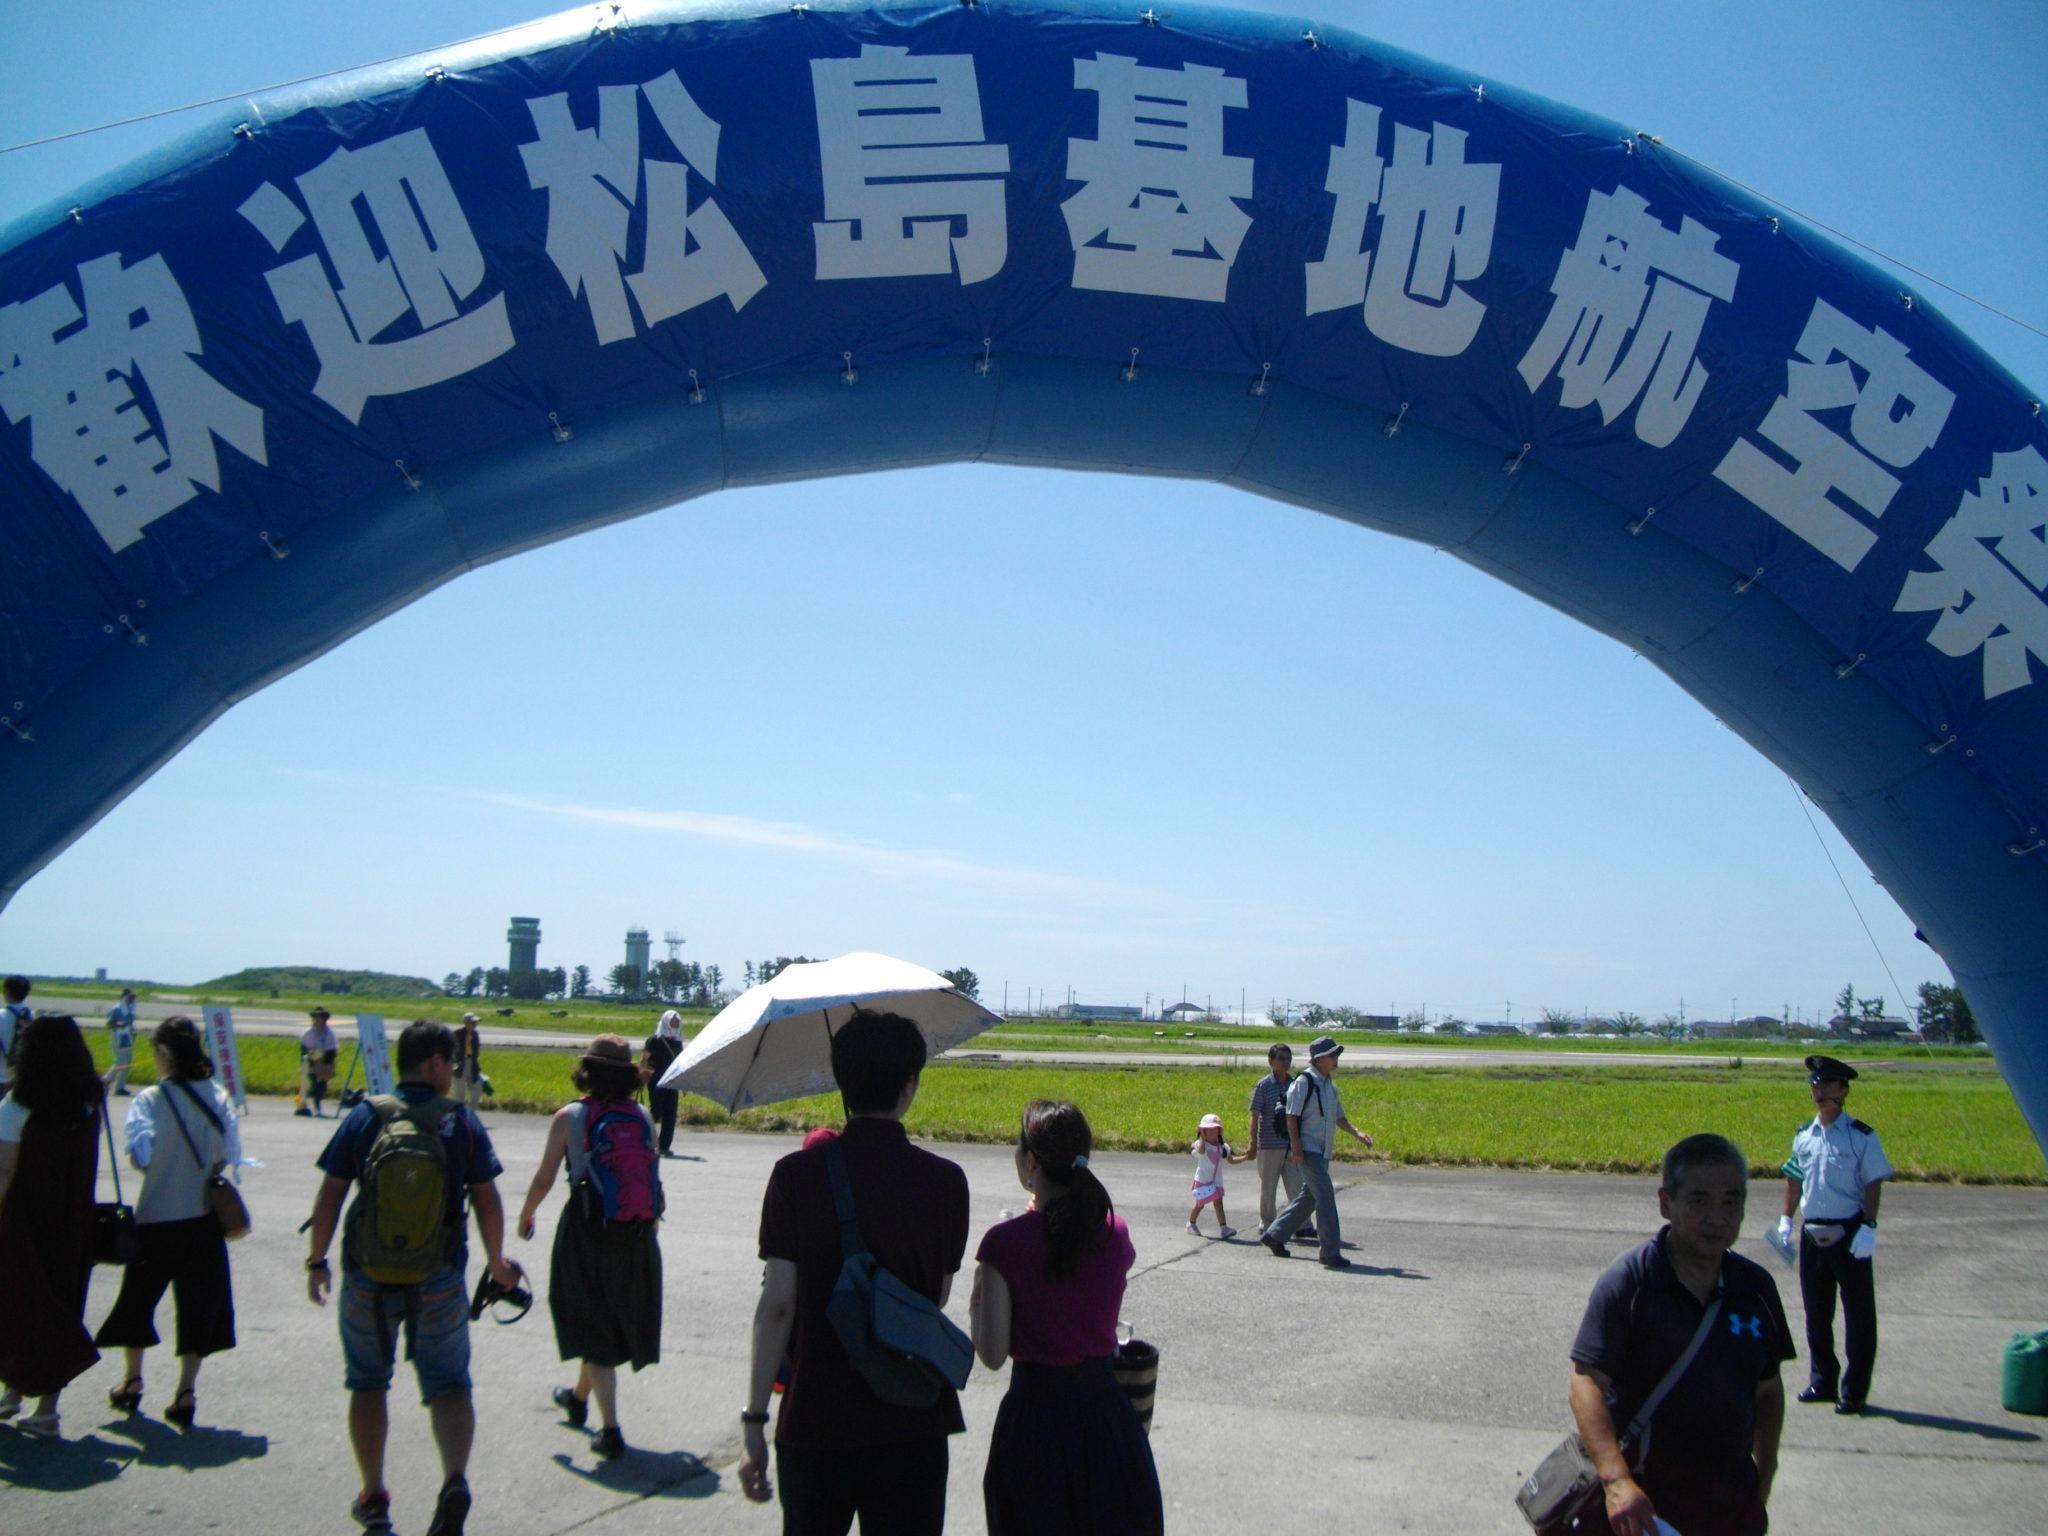 松島基地航空祭2017に行ってきました!ブルーインパルスに感動!